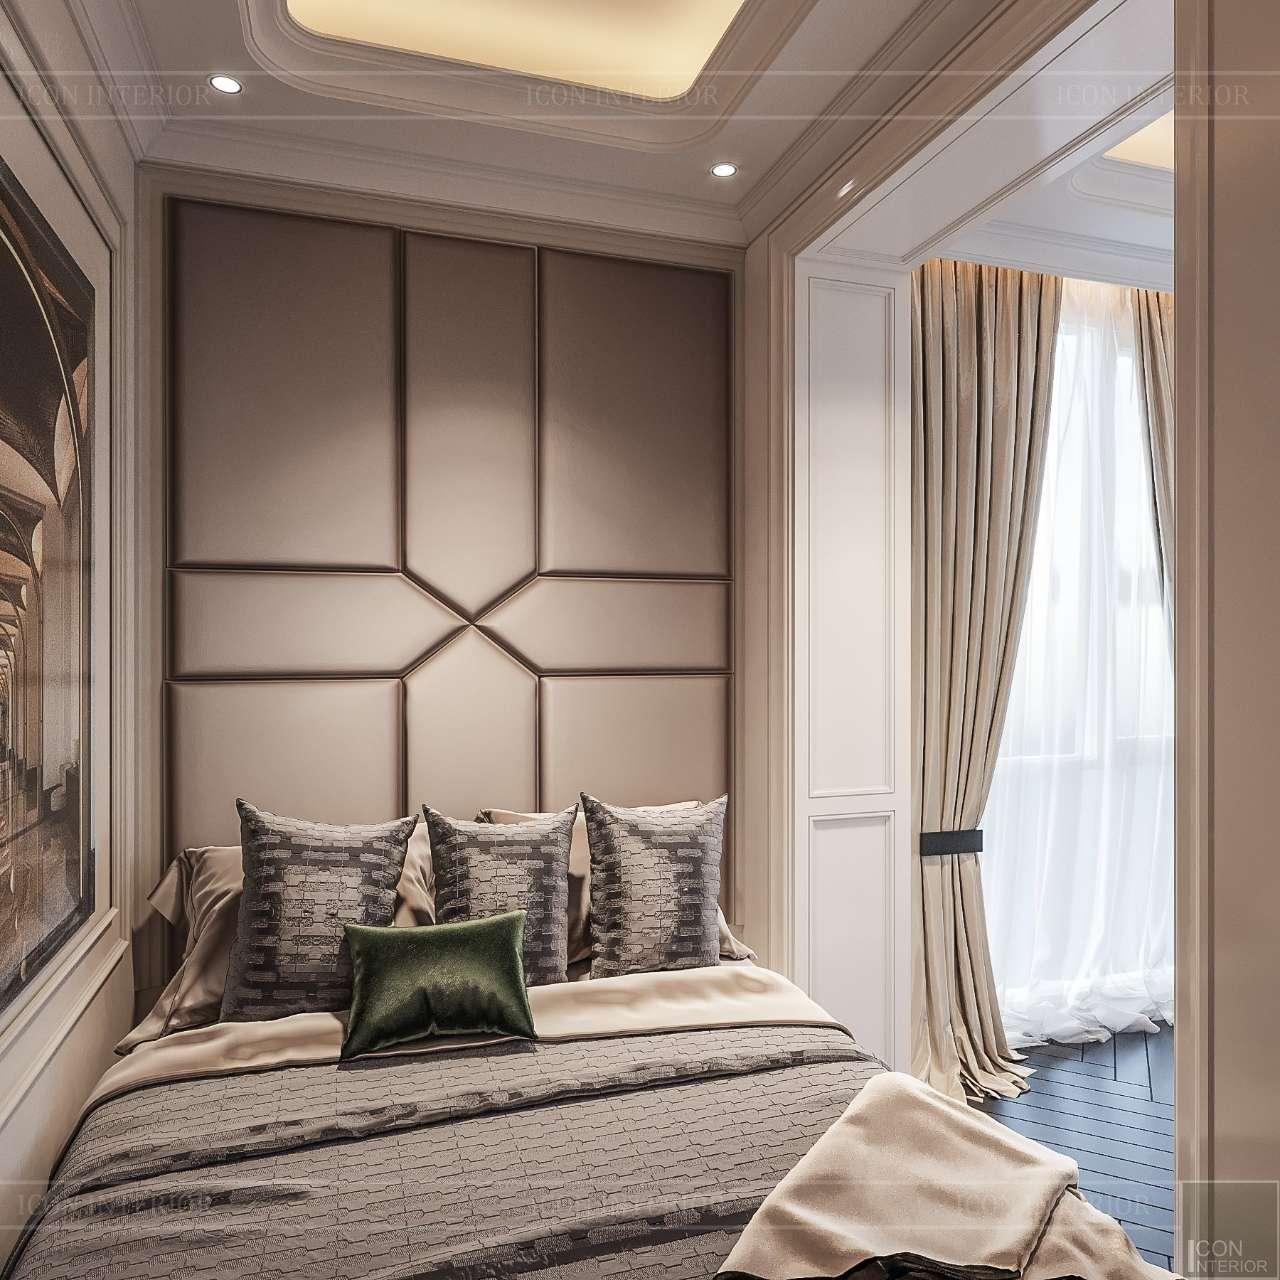 thiết kế phòng ngủ nhỏ penthouse